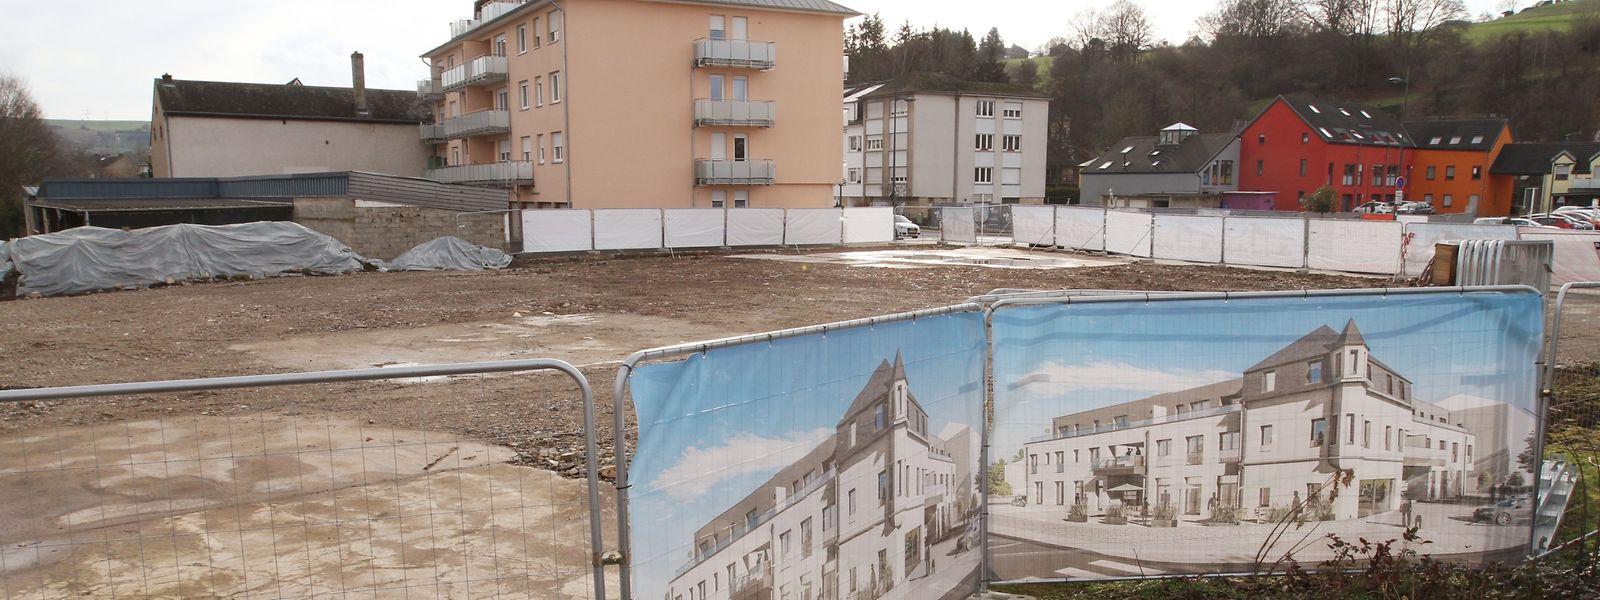 Im Erdgeschoss des neuen Wohnungsbauprojektes anstelle des ehemaligen Café Kaell in Warken hat die Gemeinde Ettelbrück ein Geschäftslokal erworben.